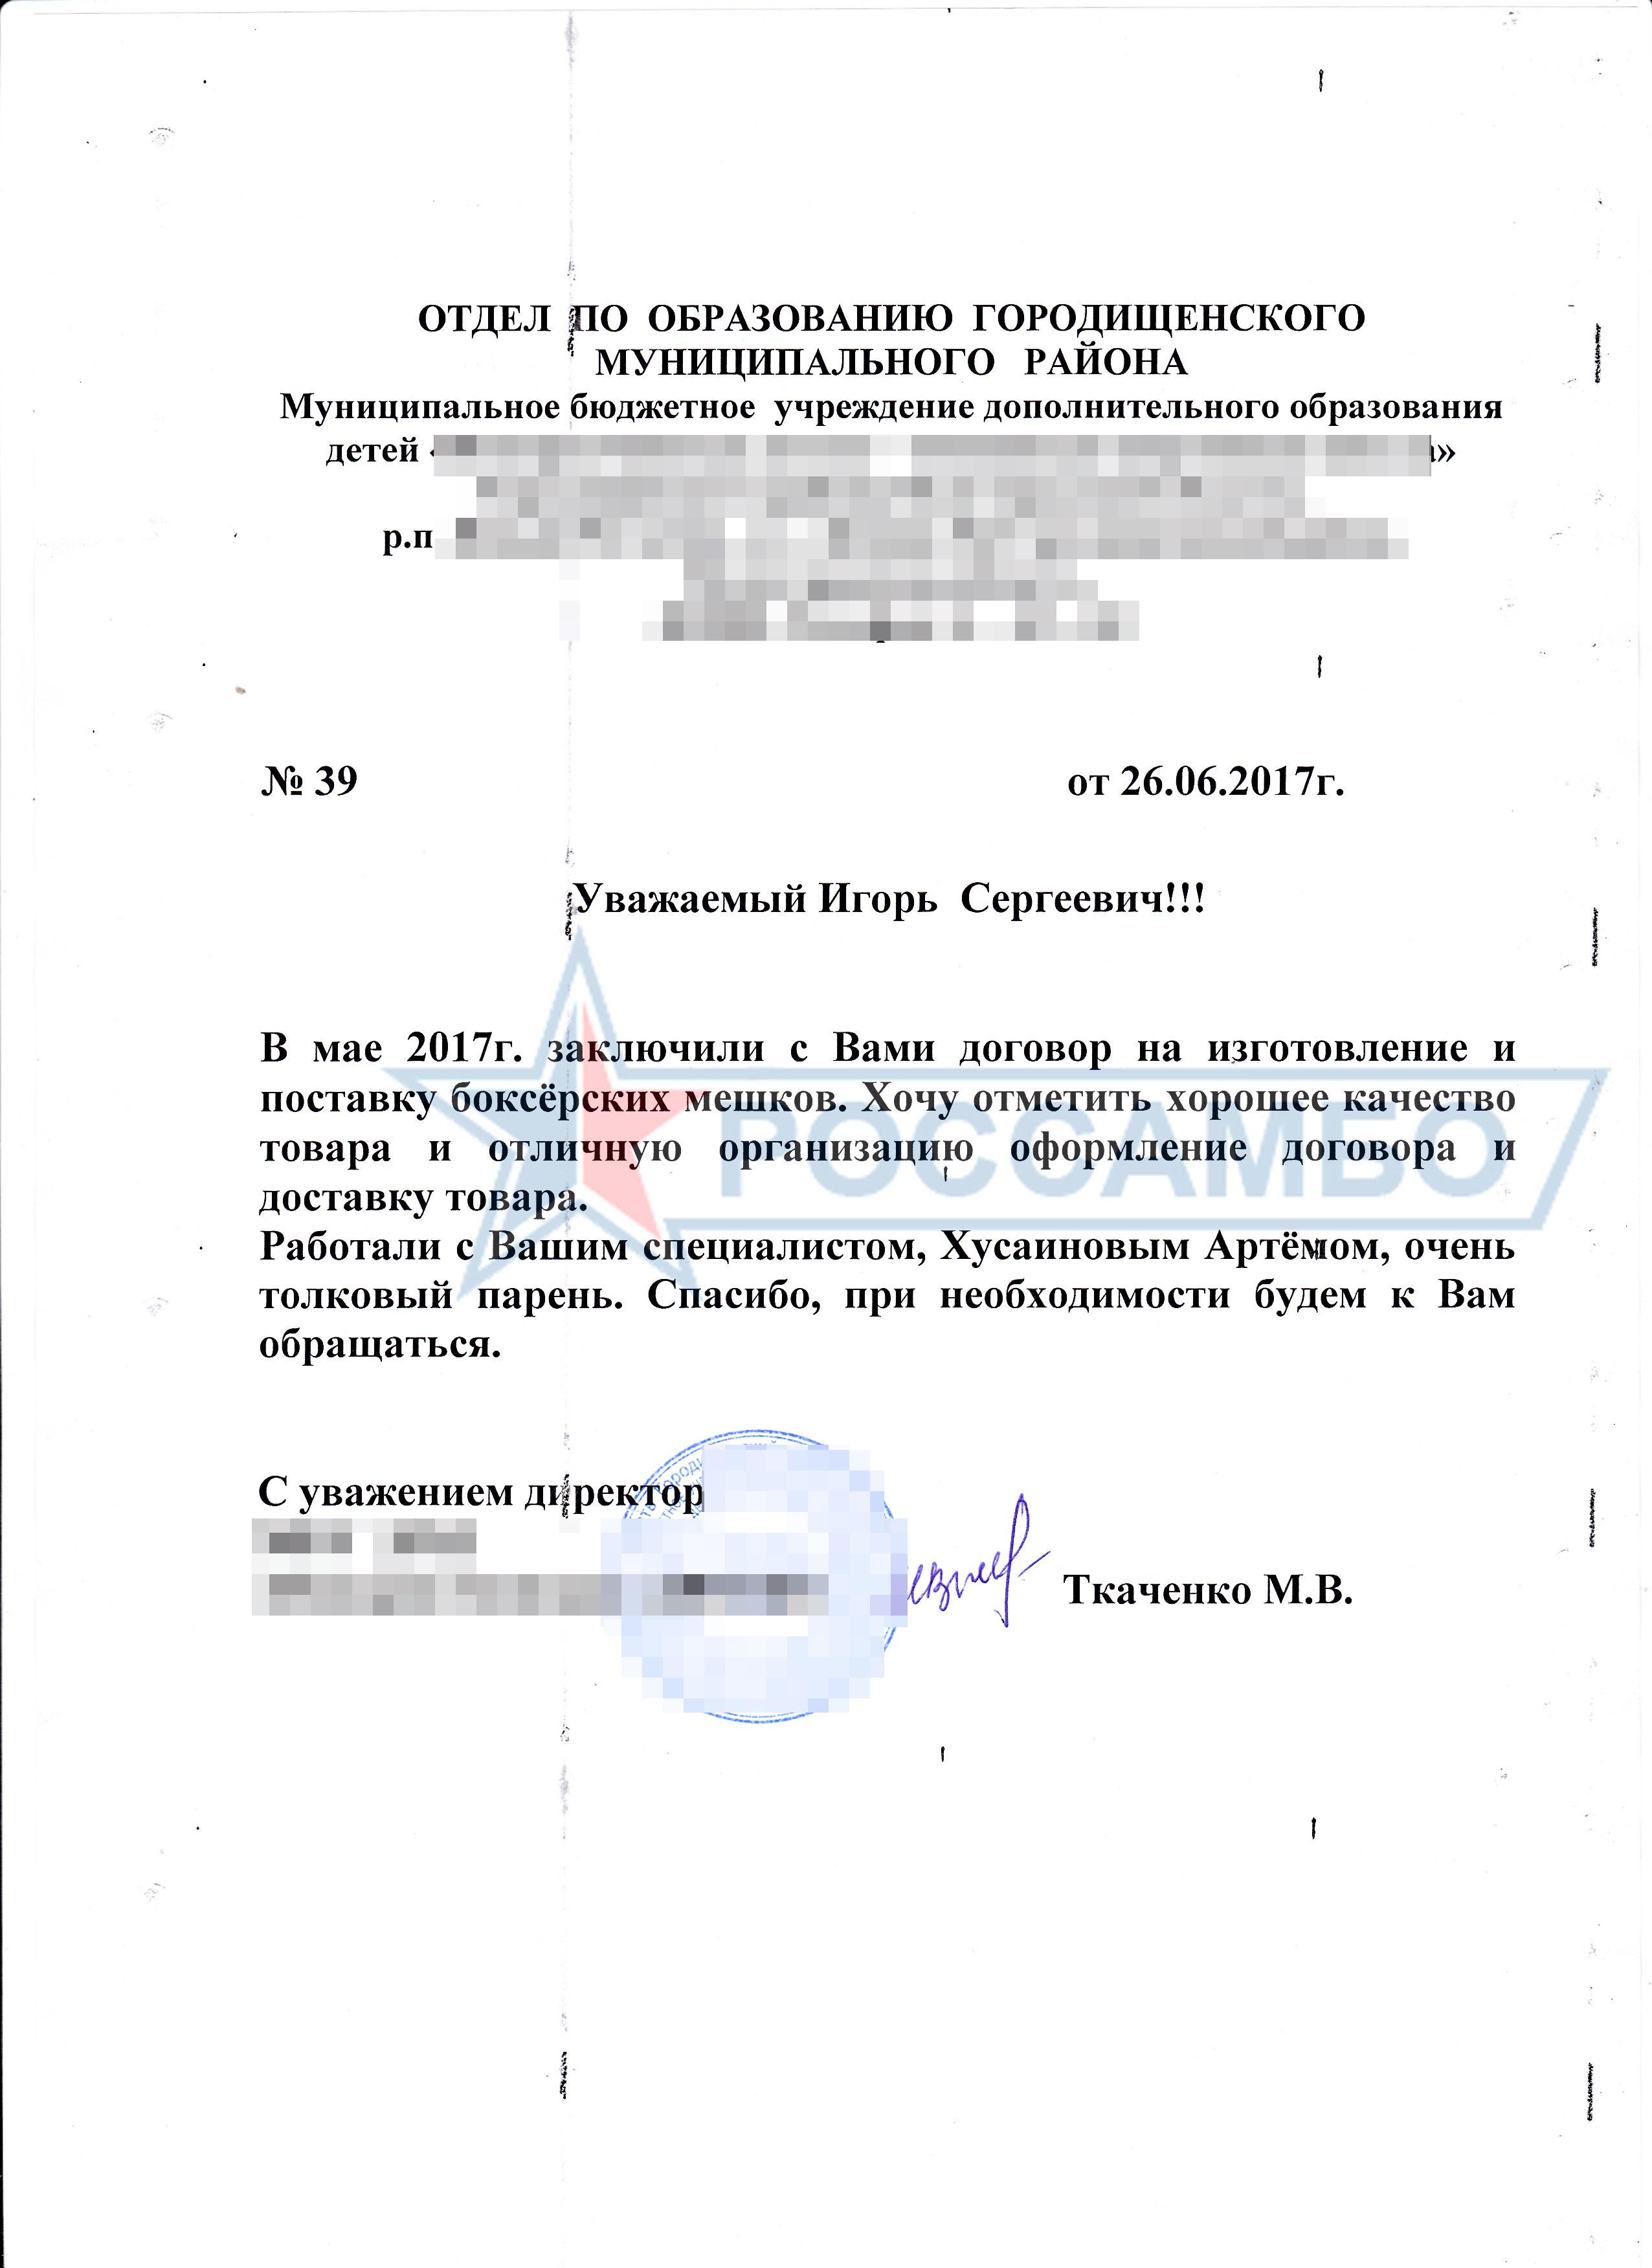 Благодарственное письмо за поставку боксерских мешков в адрес РОССАМБО